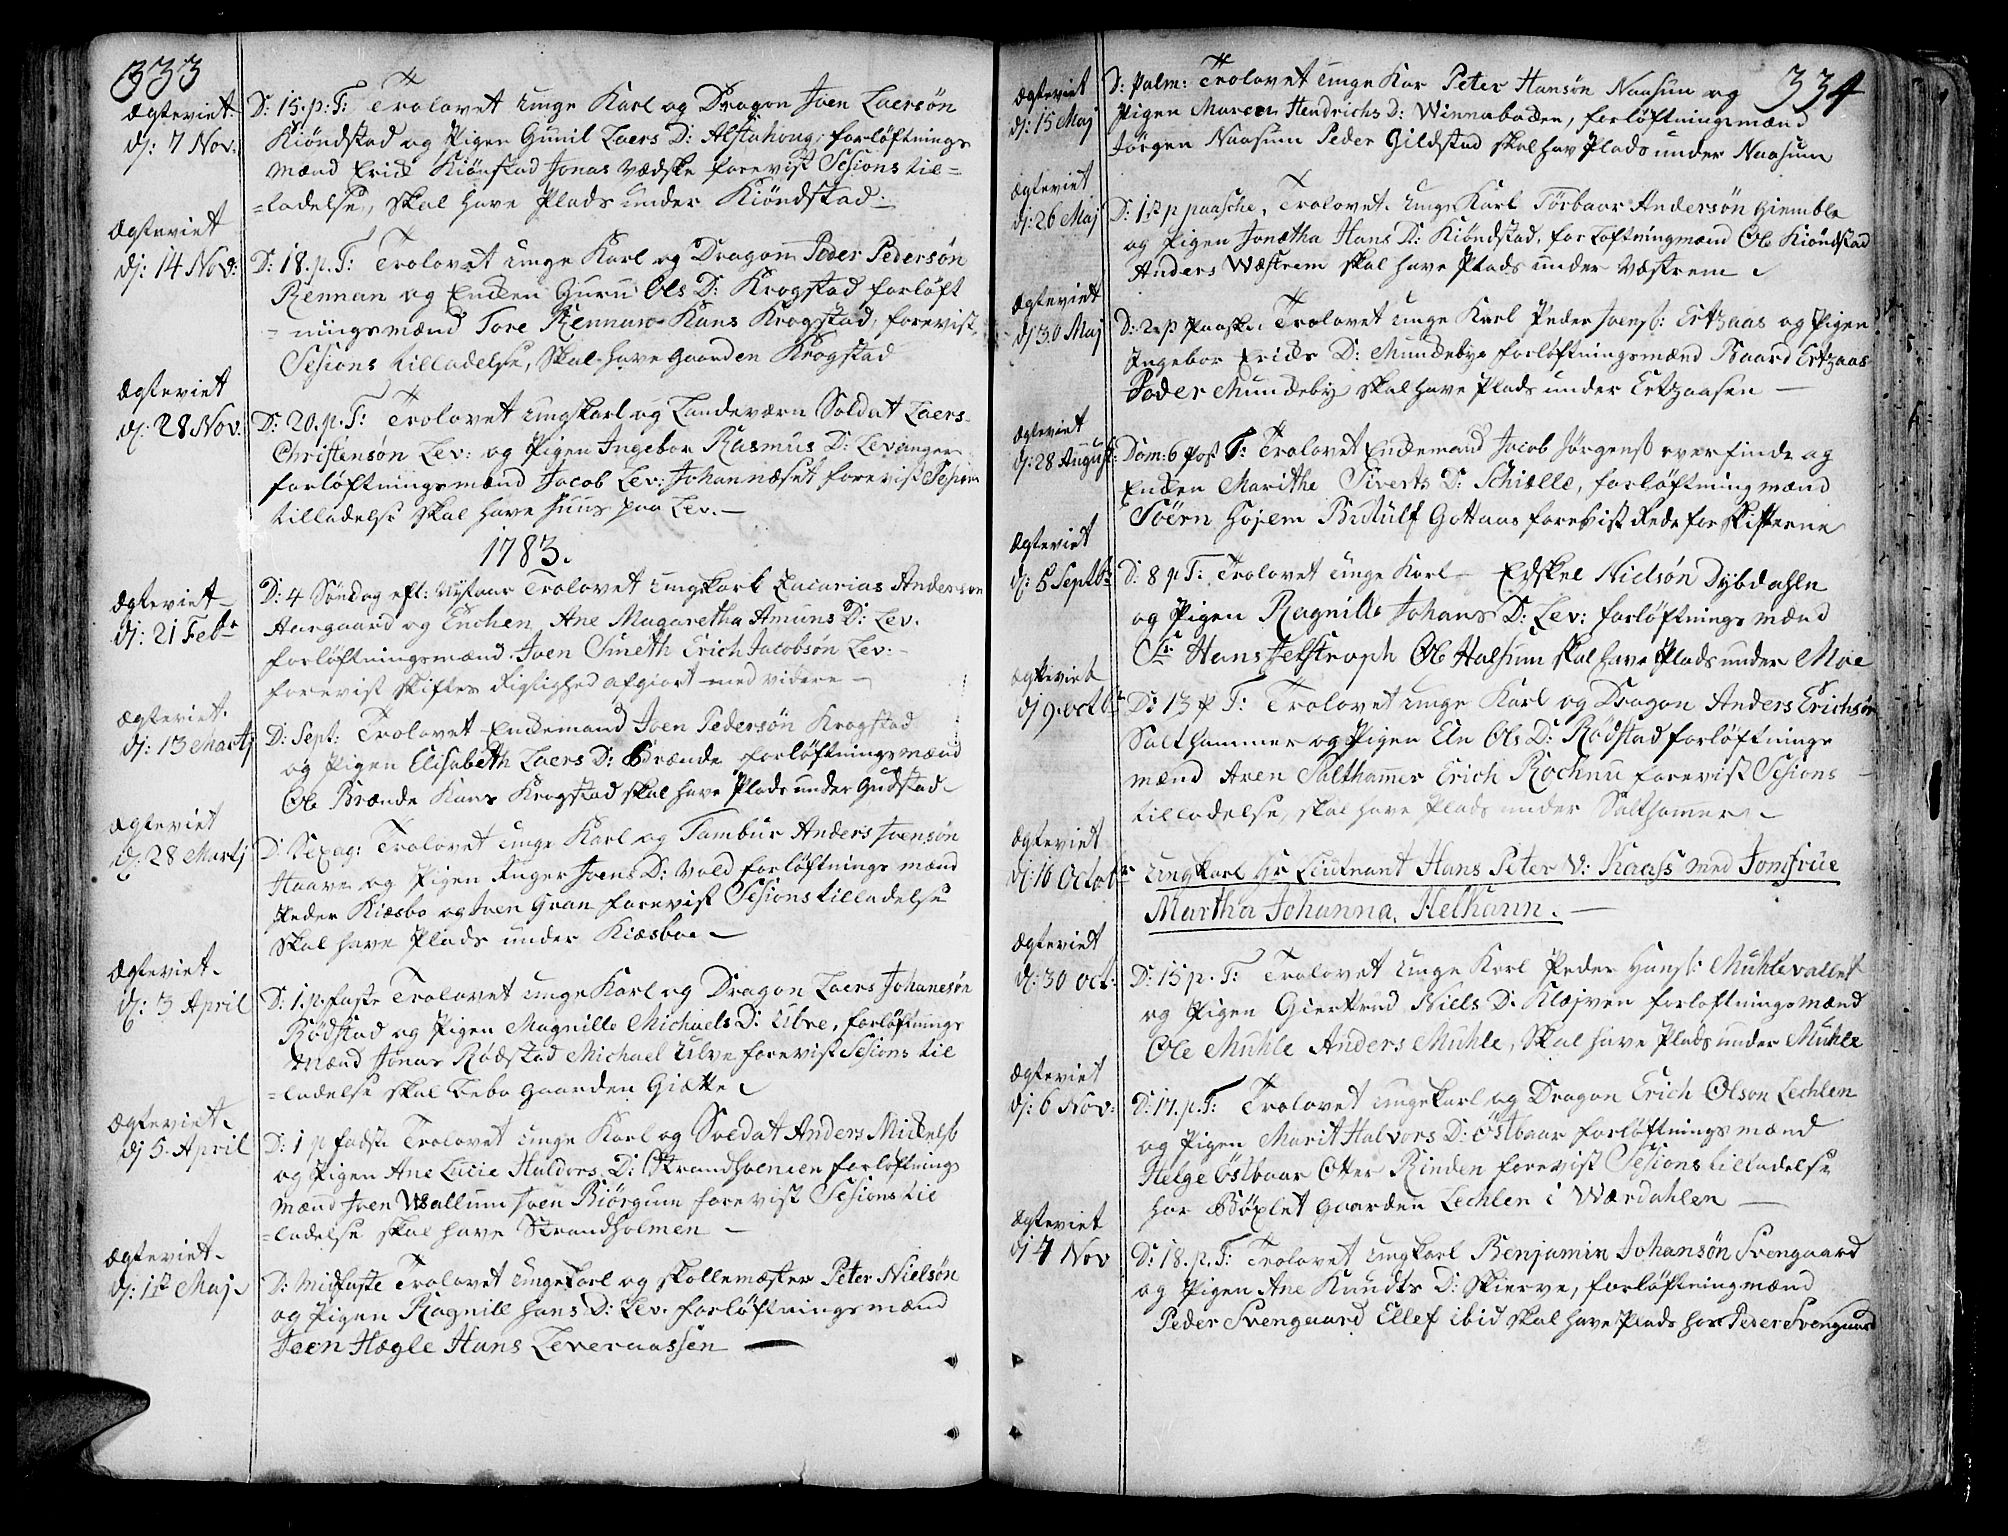 SAT, Ministerialprotokoller, klokkerbøker og fødselsregistre - Nord-Trøndelag, 717/L0141: Ministerialbok nr. 717A01, 1747-1803, s. 333-334